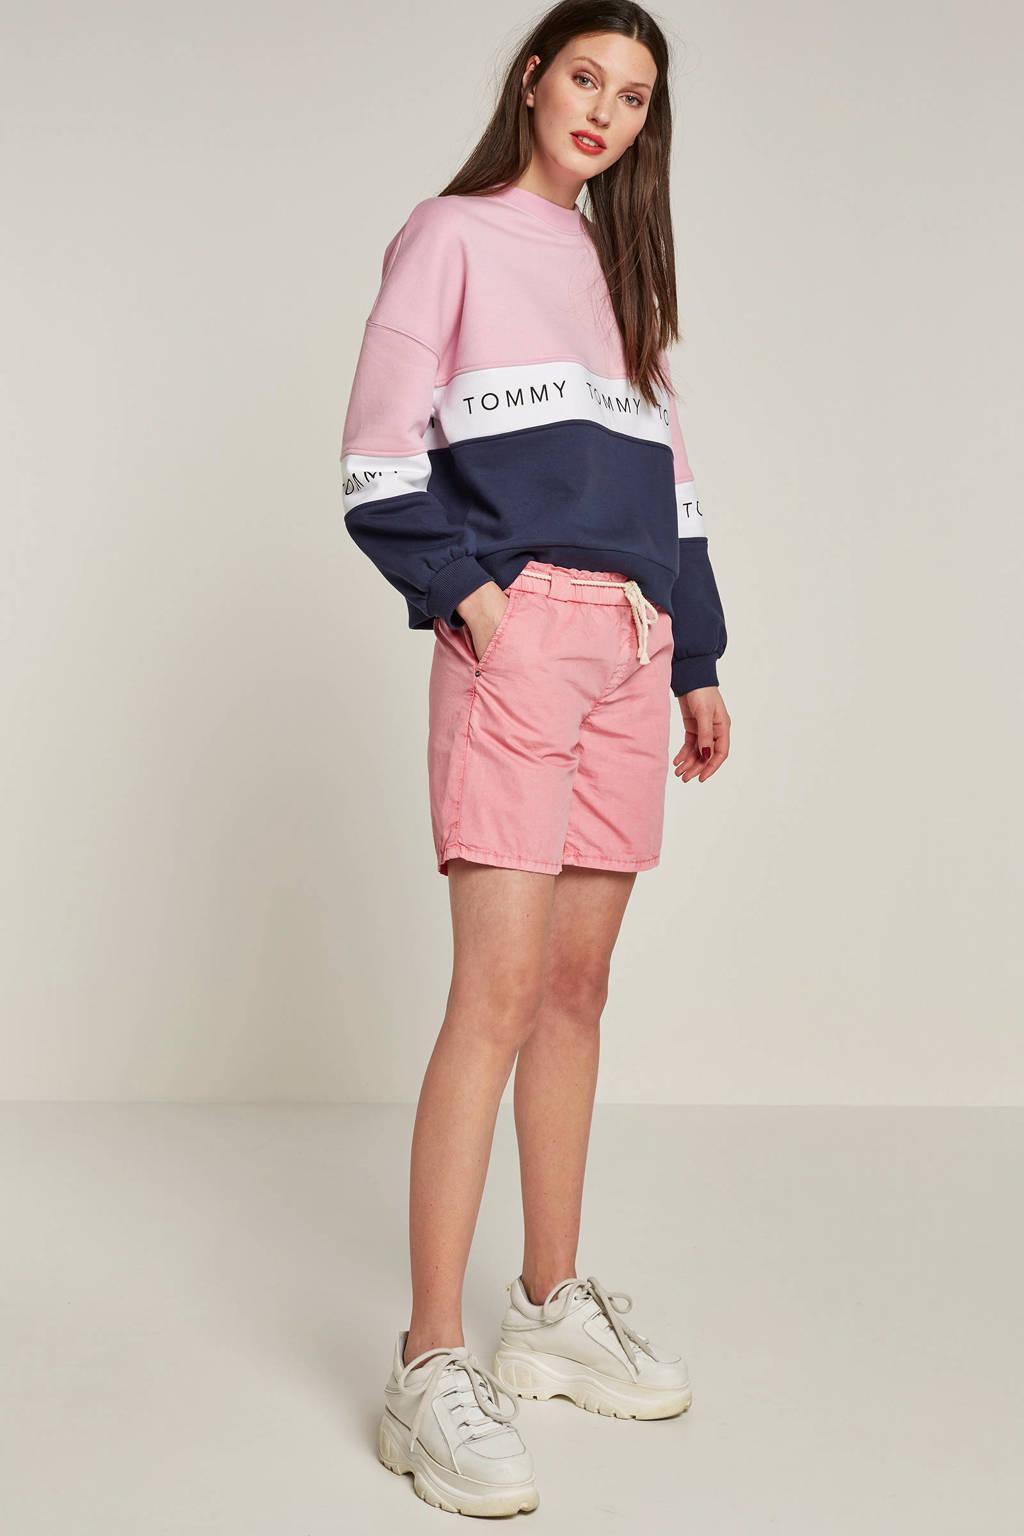 ESPRIT Women Casual korte broek roze, Roze